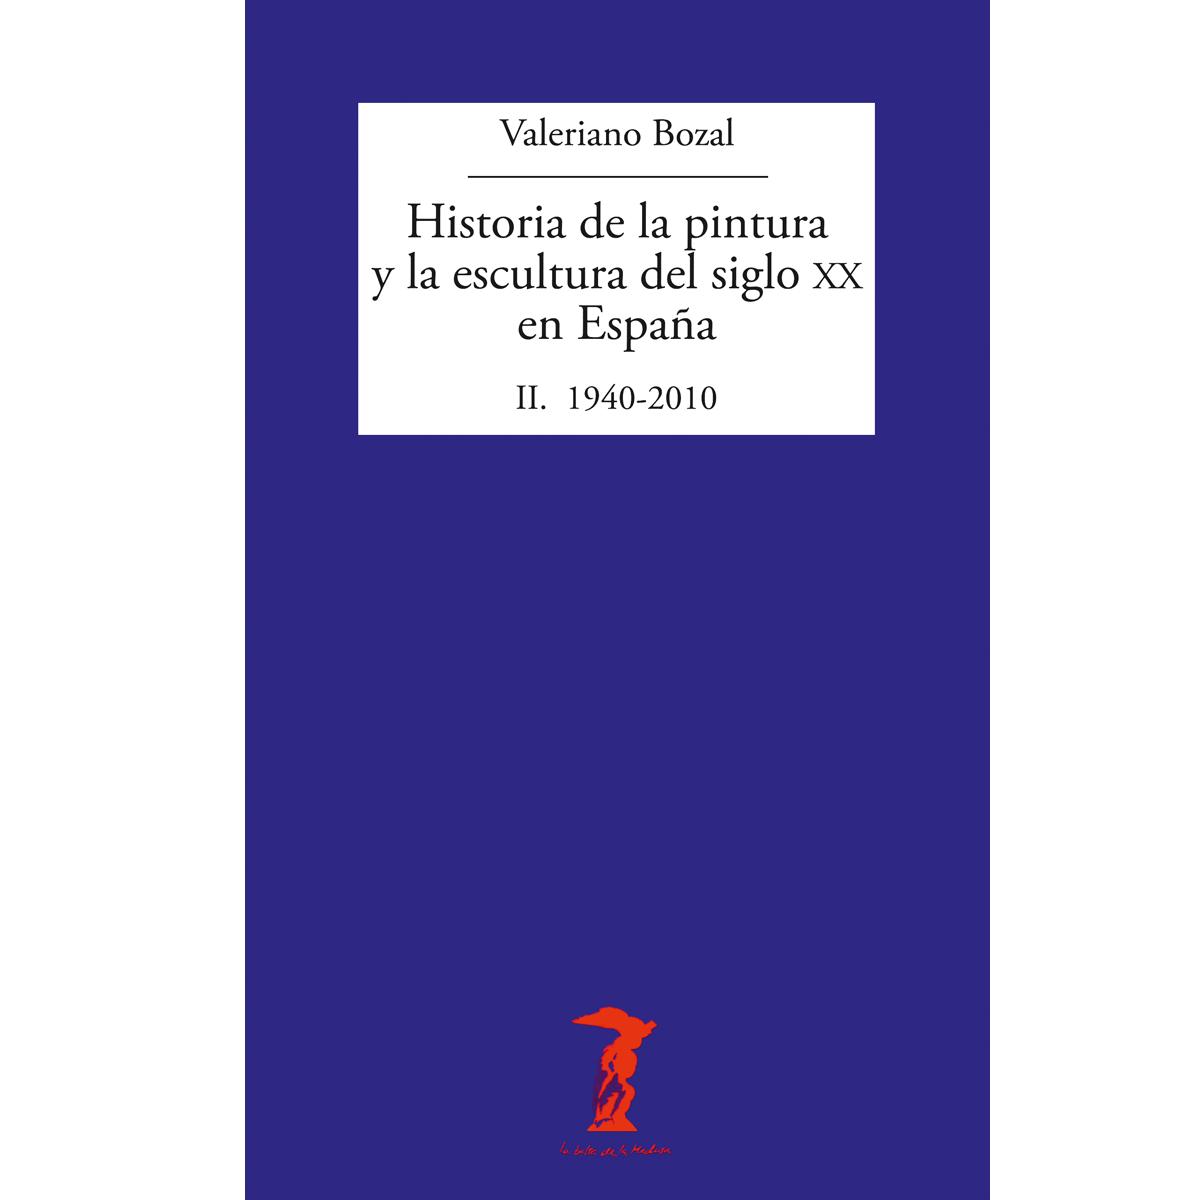 Historia de la pintura y escultura  del siglo XX en España